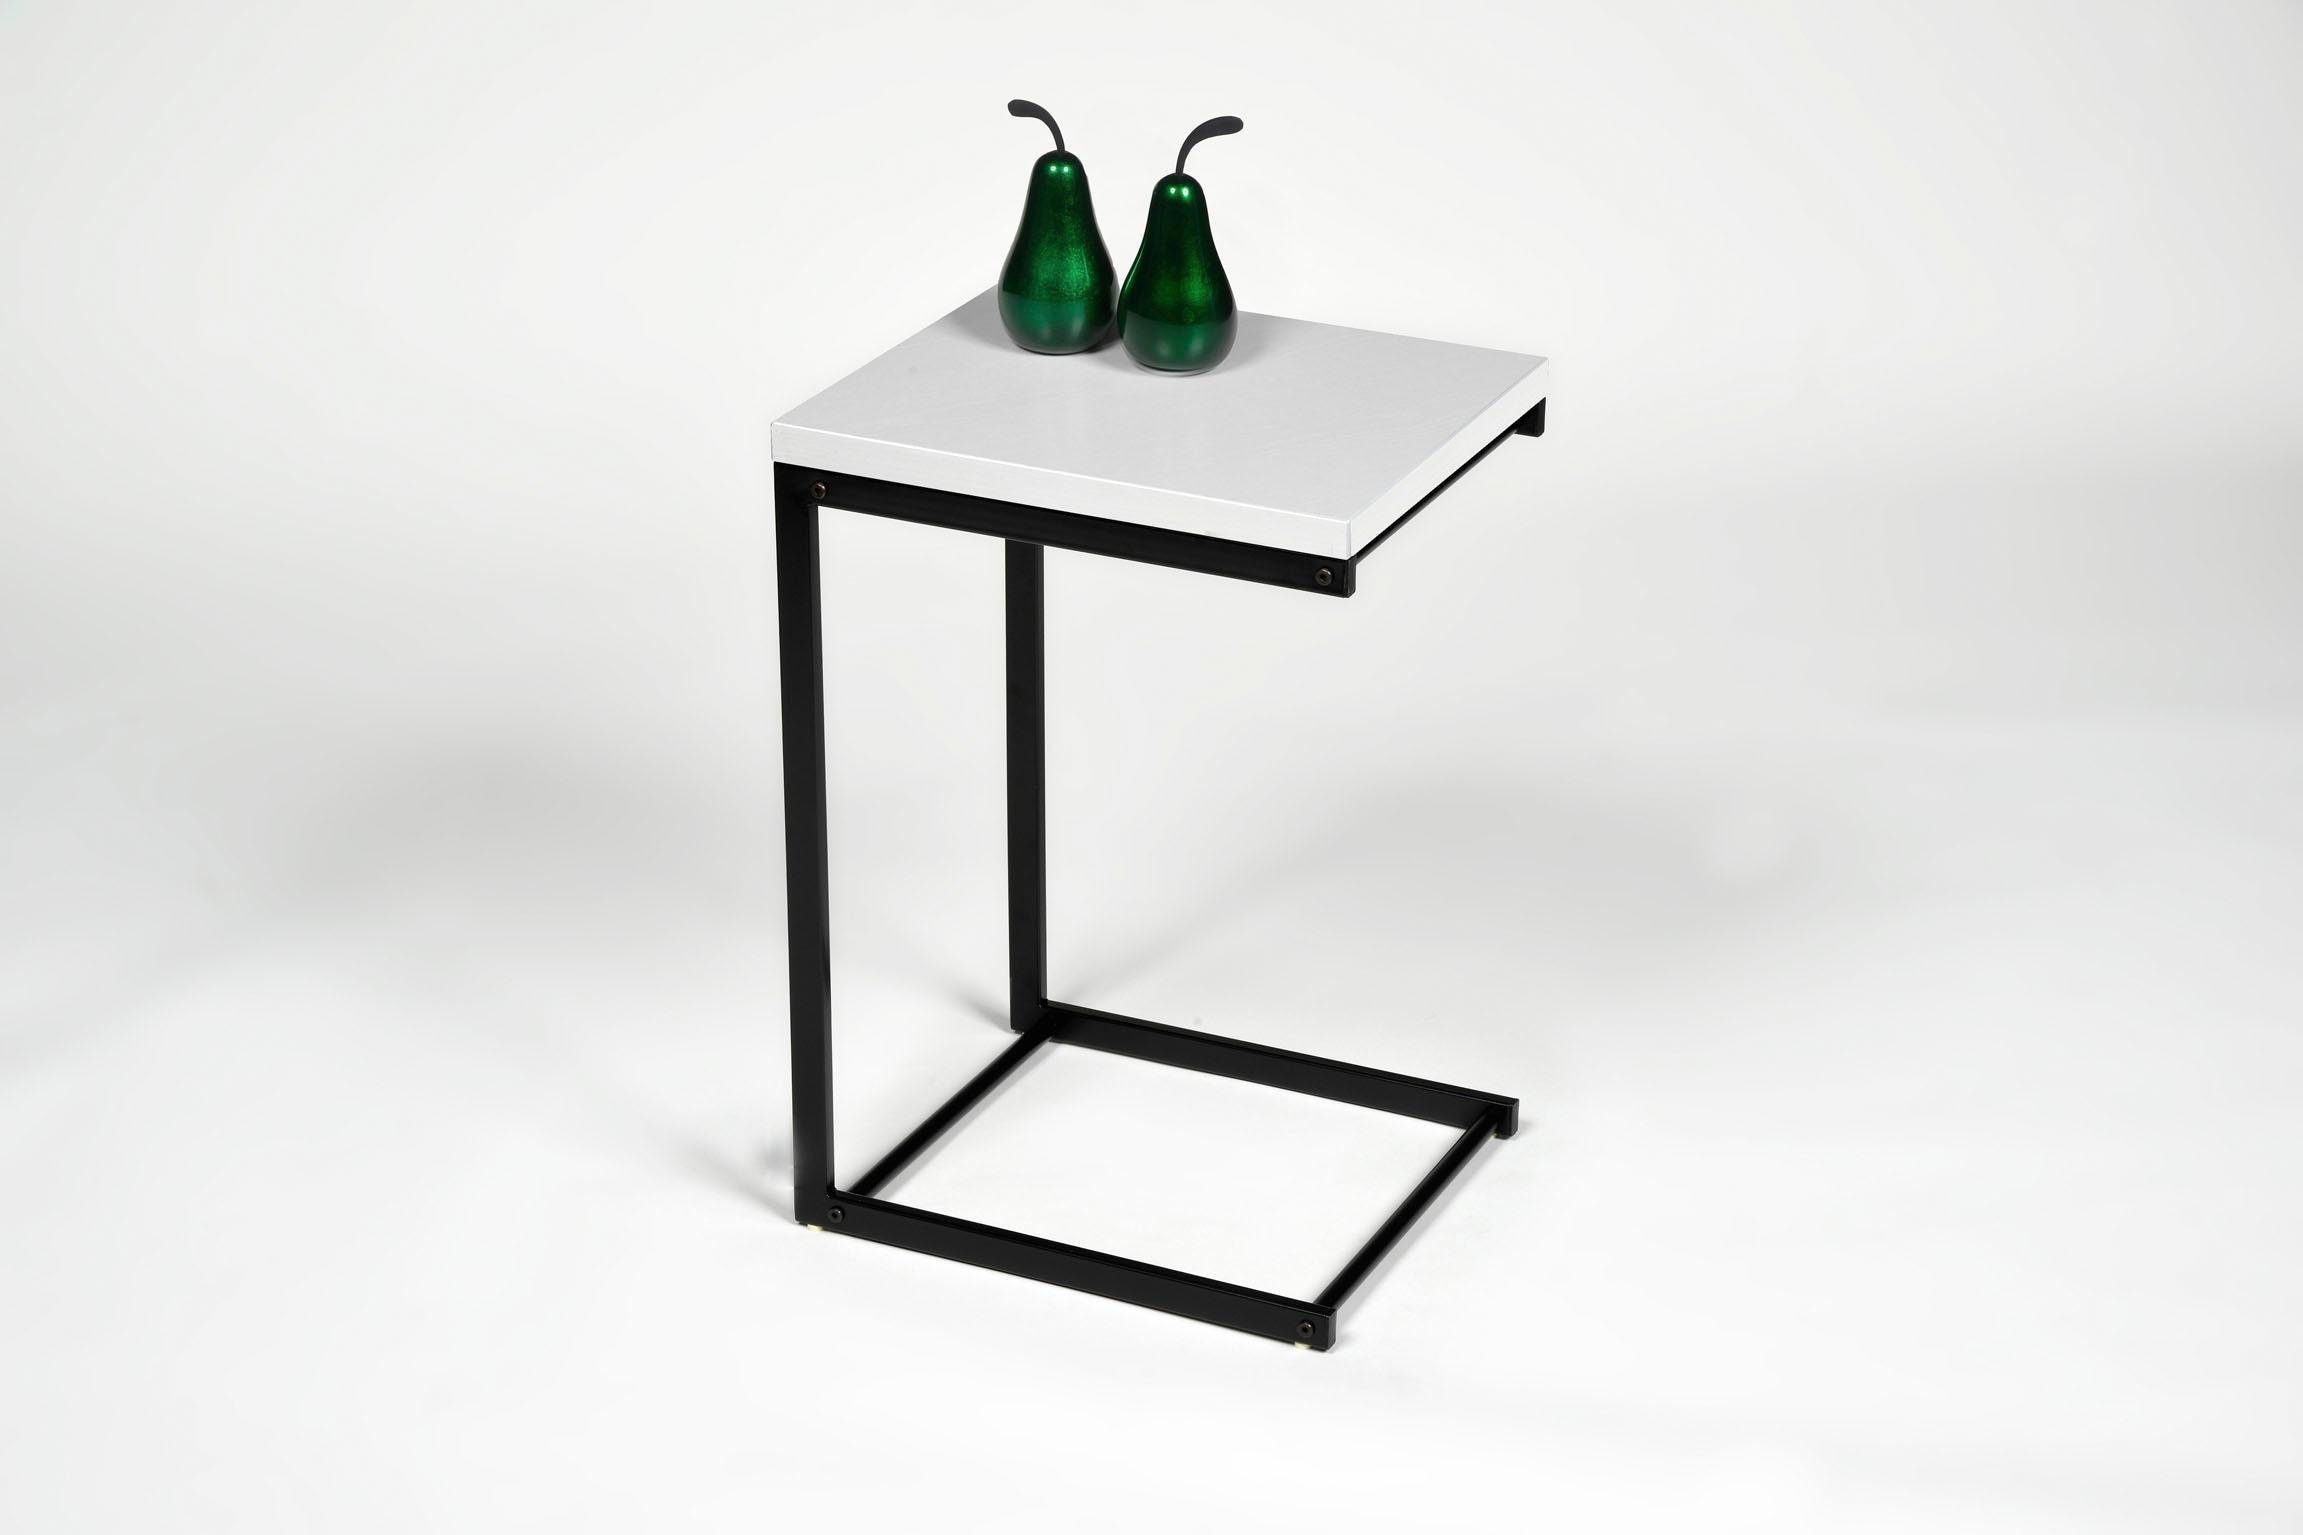 PRO Line Beistelltisch, mit Metallgestell weiß Beistelltische Tische Beistelltisch